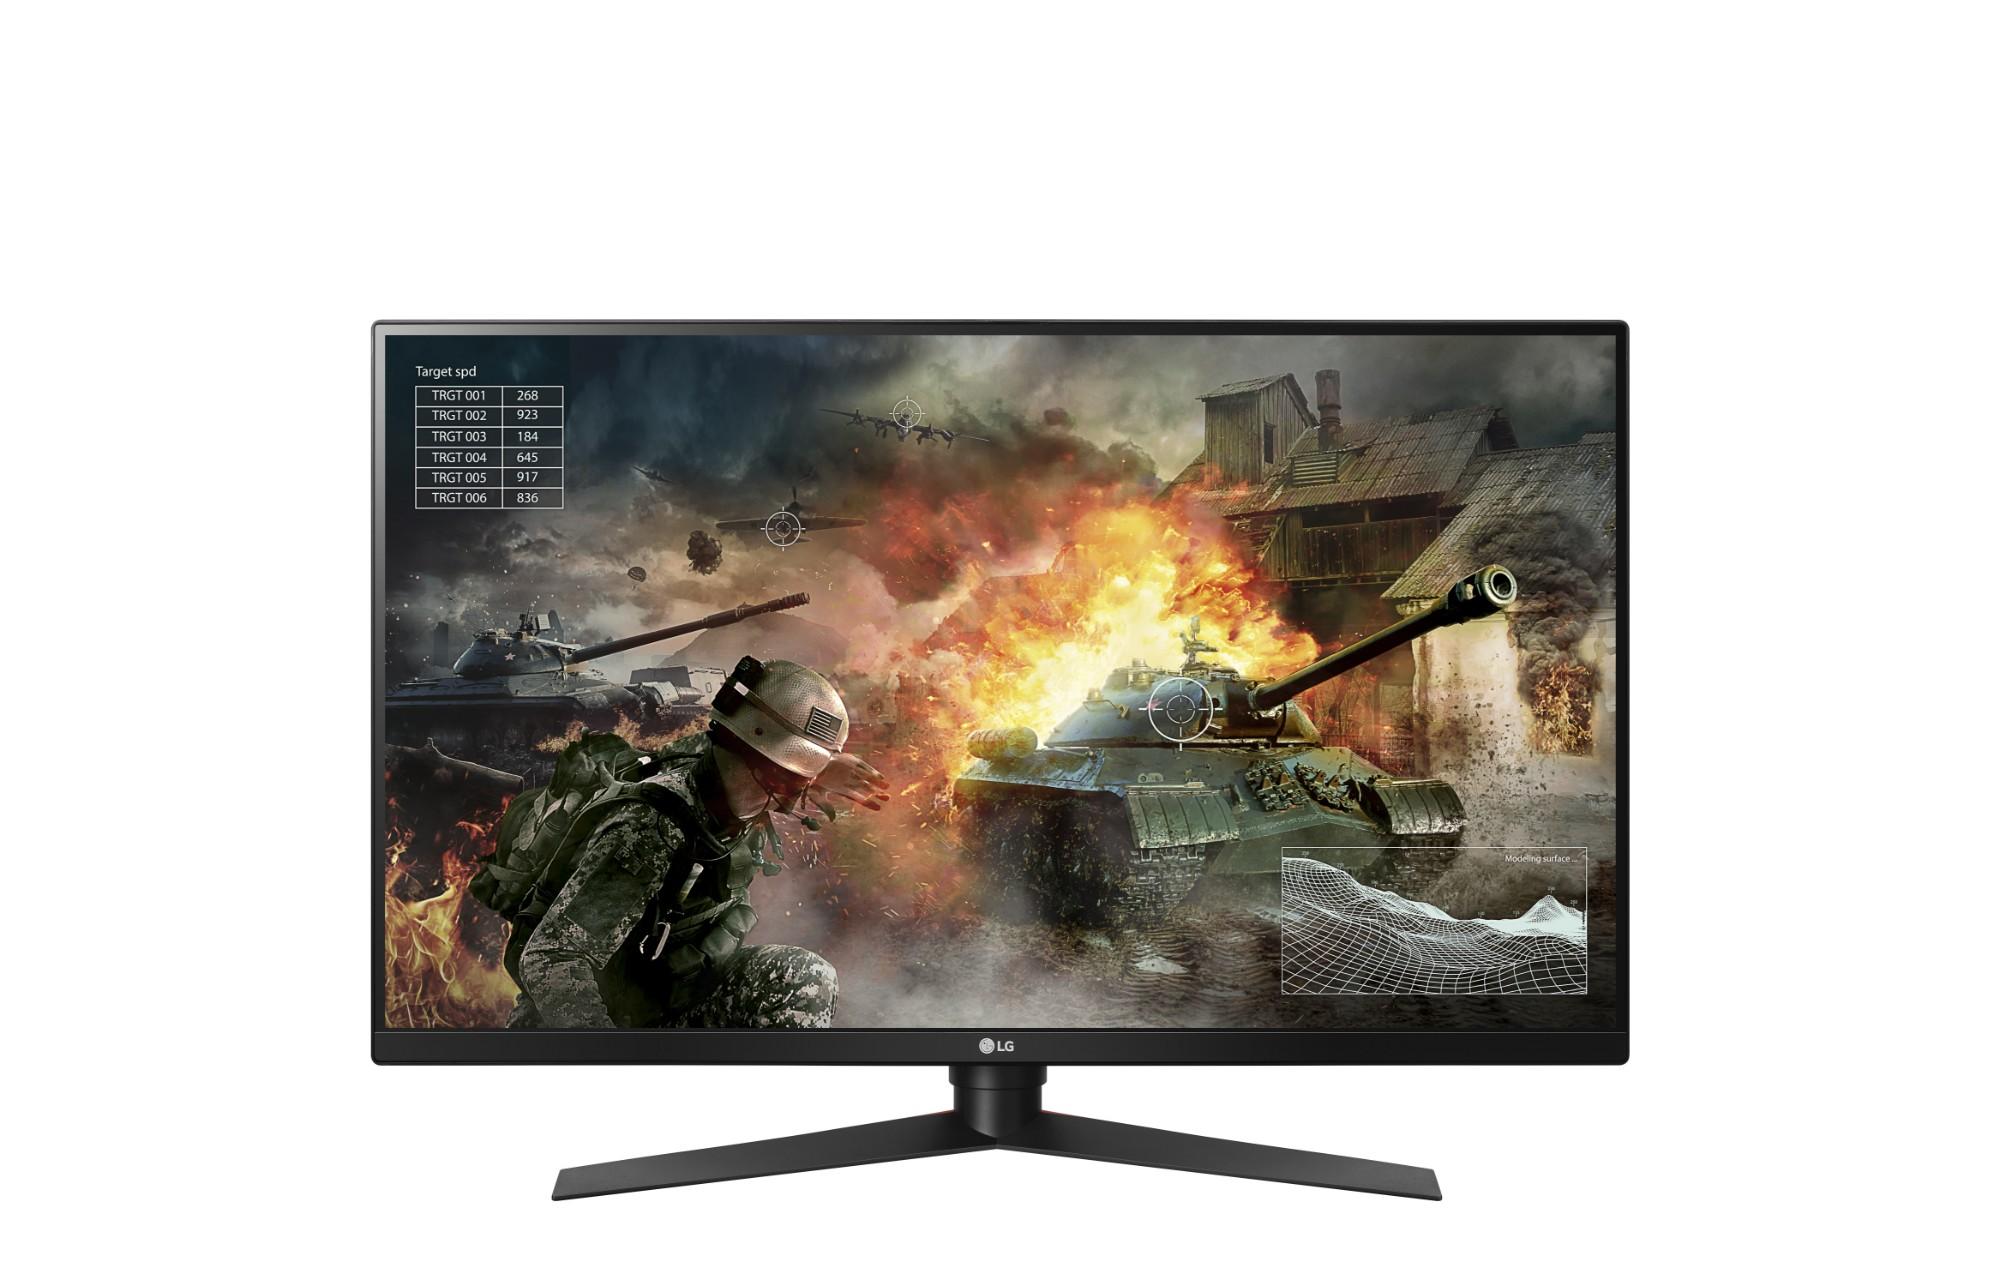 """LG 32GK850G-B LED display 80 cm (31.5"""") 2560 x 1440 pixels Wide Quad HD Flat Matt Black,Red"""